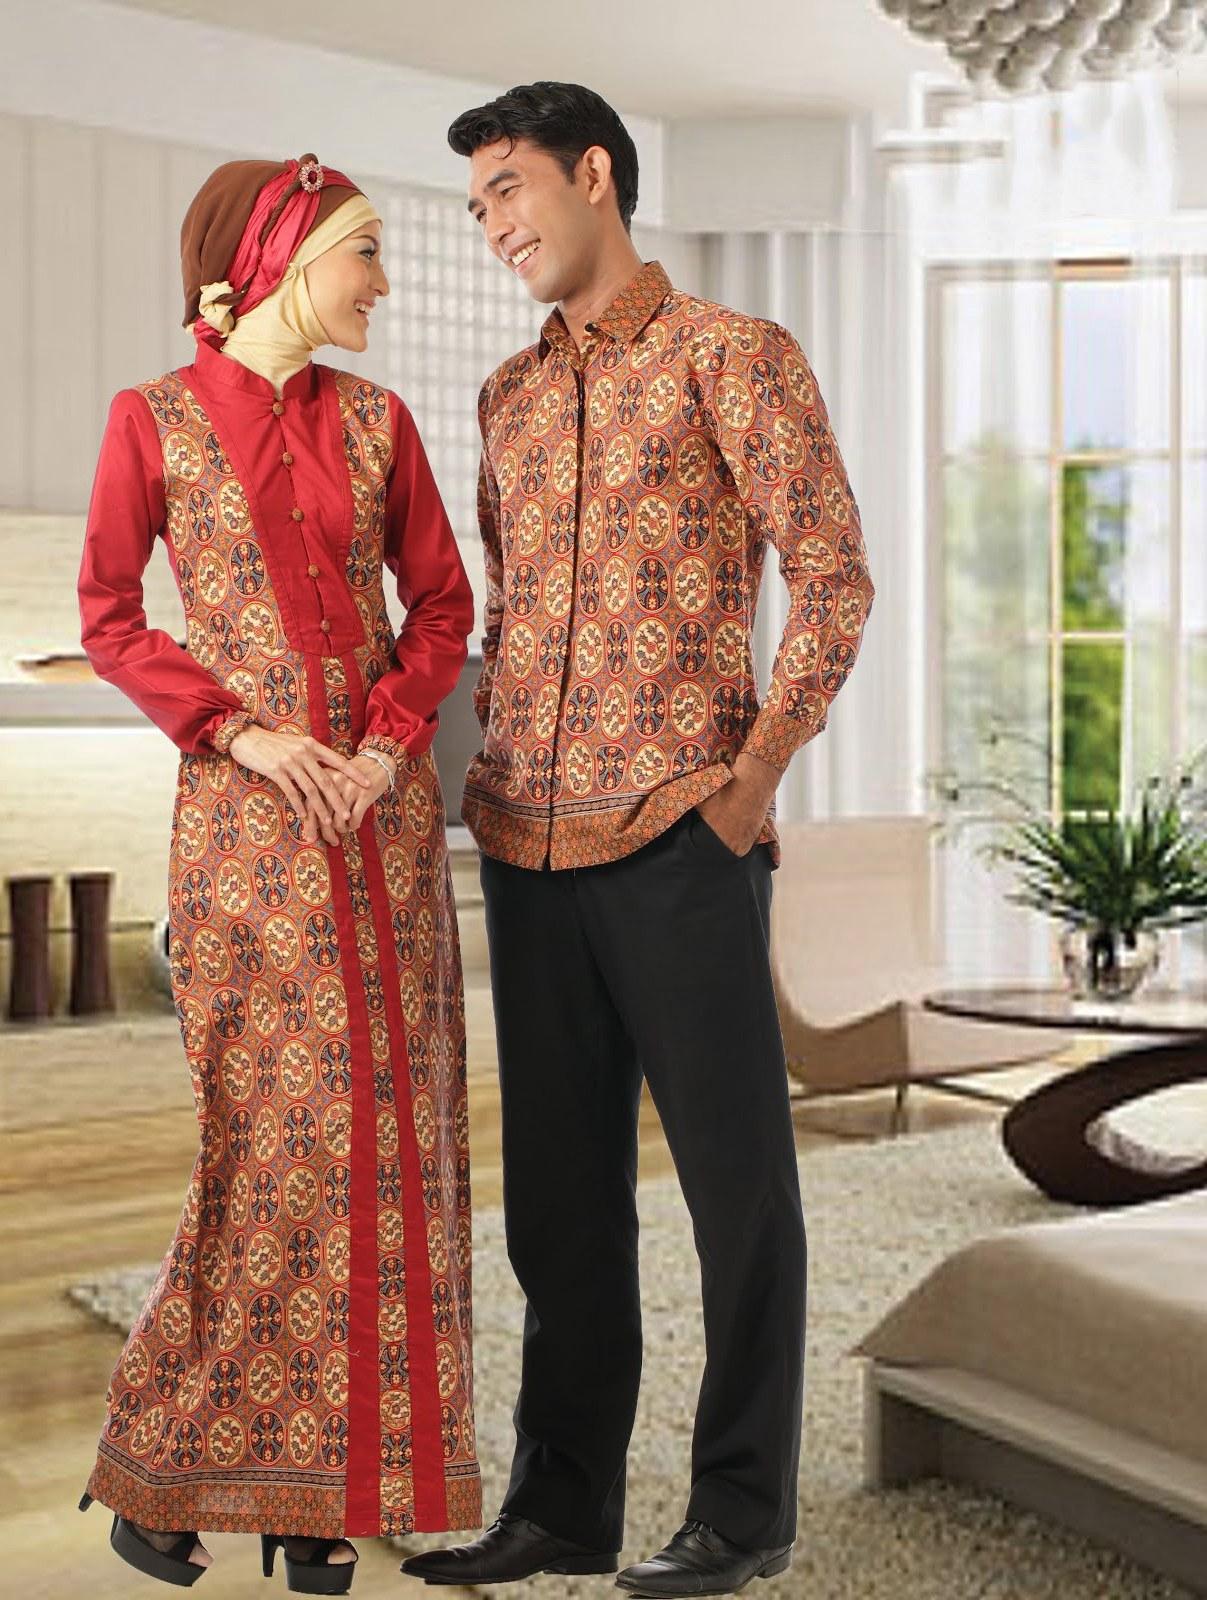 Inspirasi Baju Lebaran Batik Q5df Kumpulan Model Baju Batik Lebaran 2013 Terbaru Terpercaya